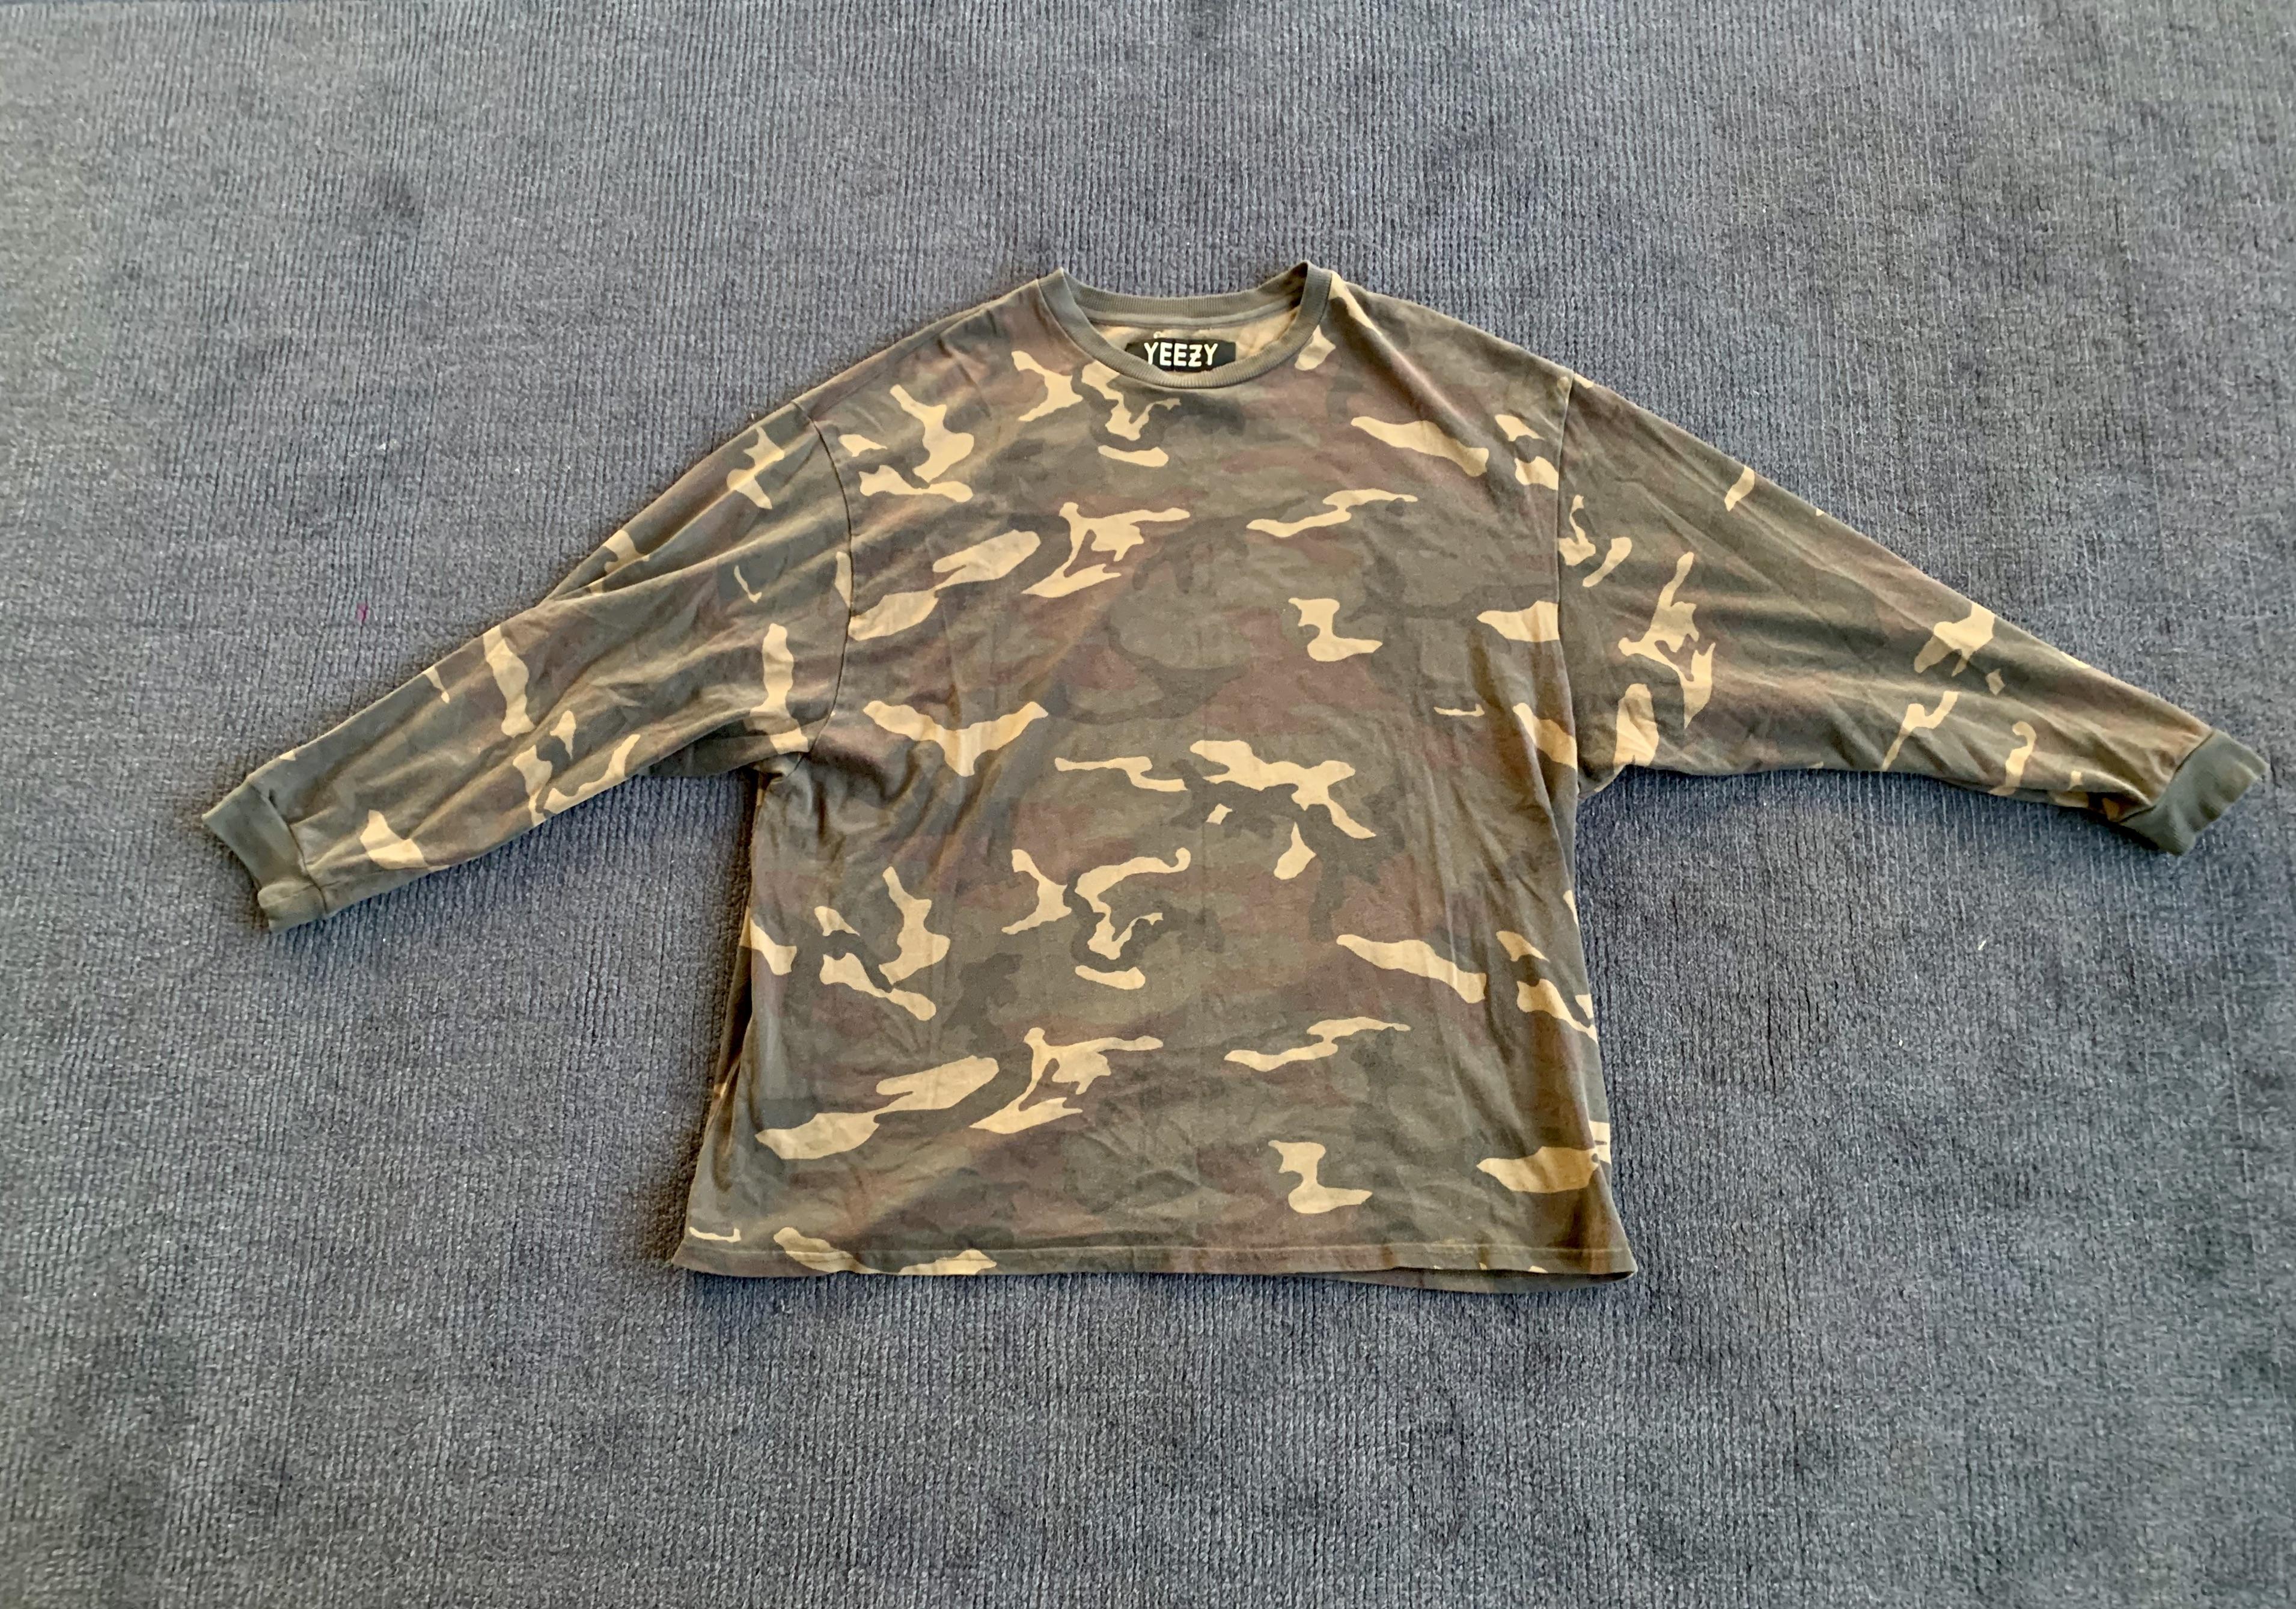 camouflage yeezy